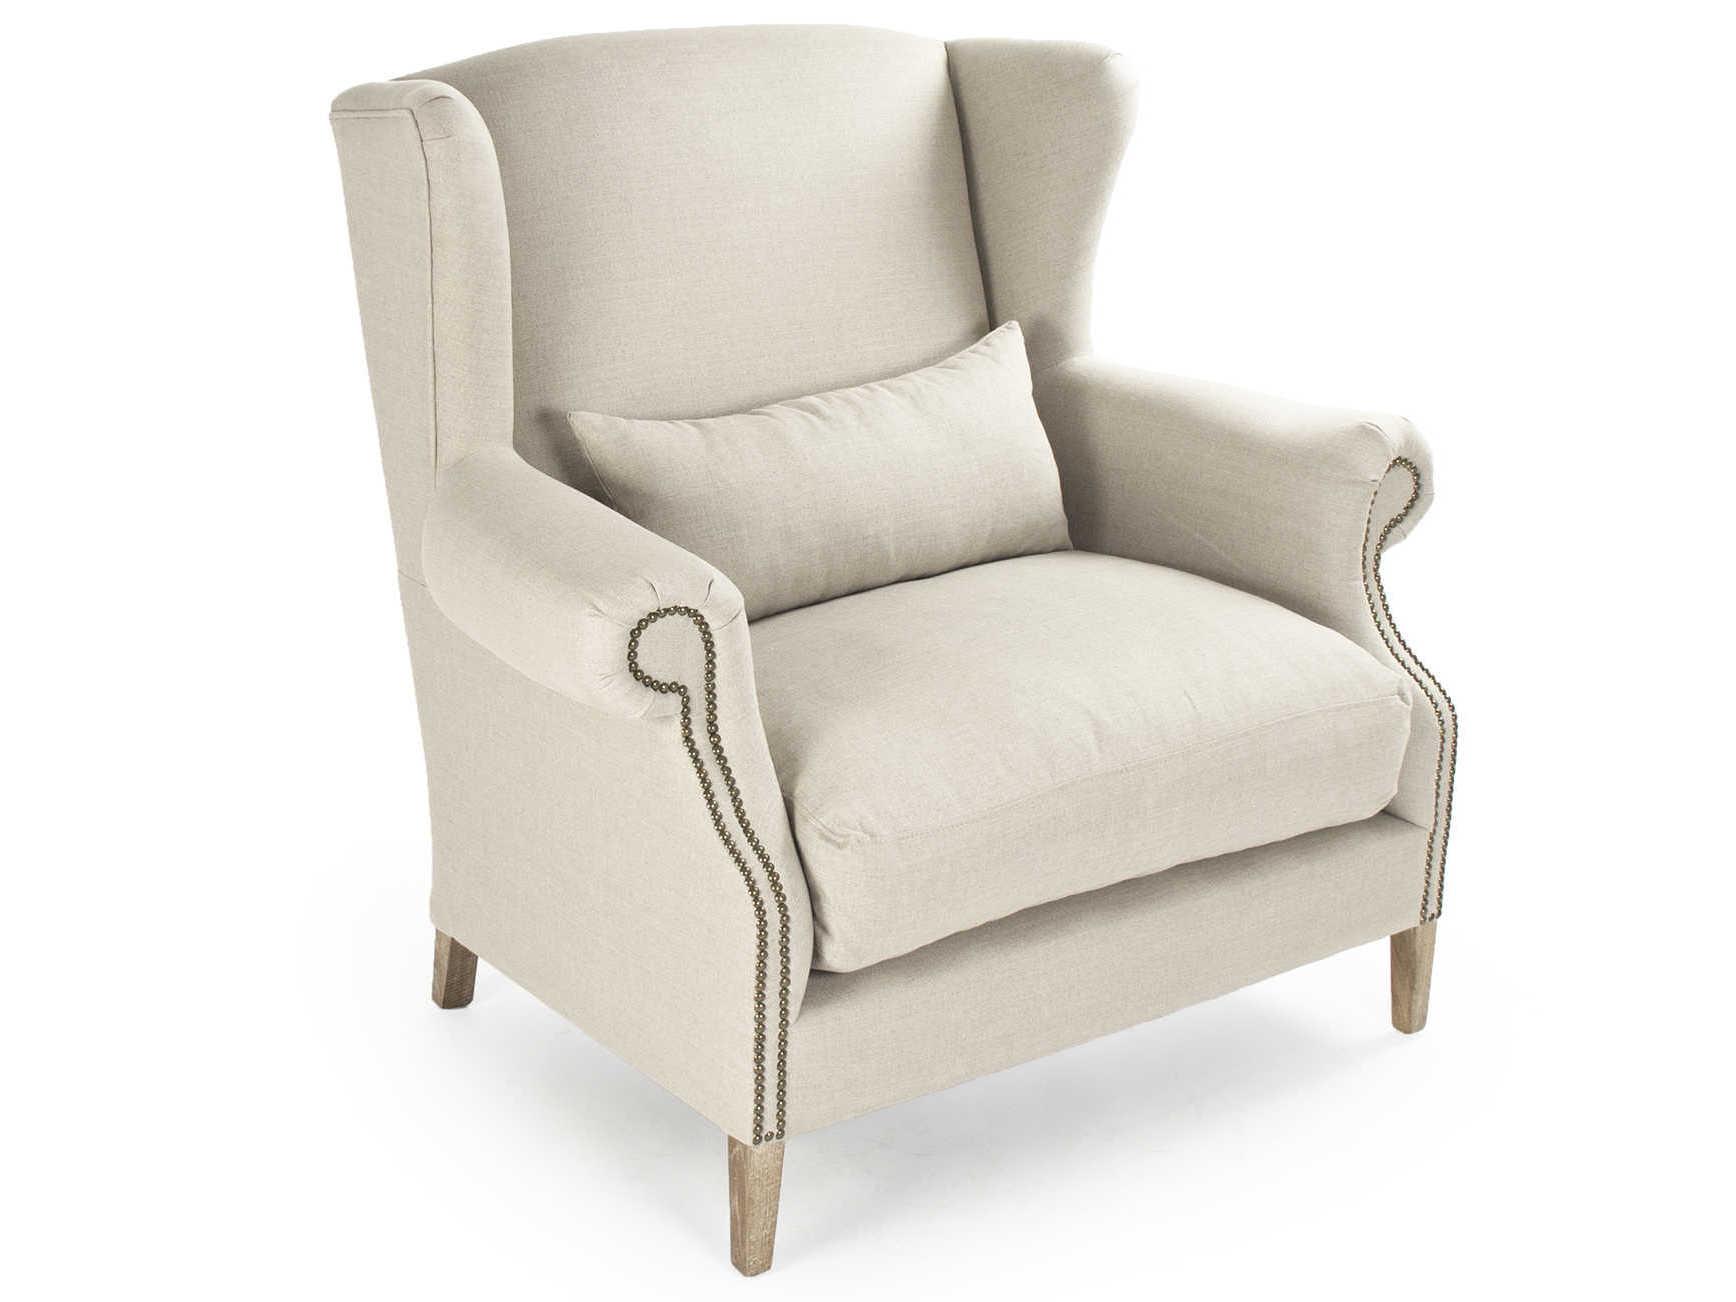 Tremendous Zentique Accent Chair Pabps2019 Chair Design Images Pabps2019Com